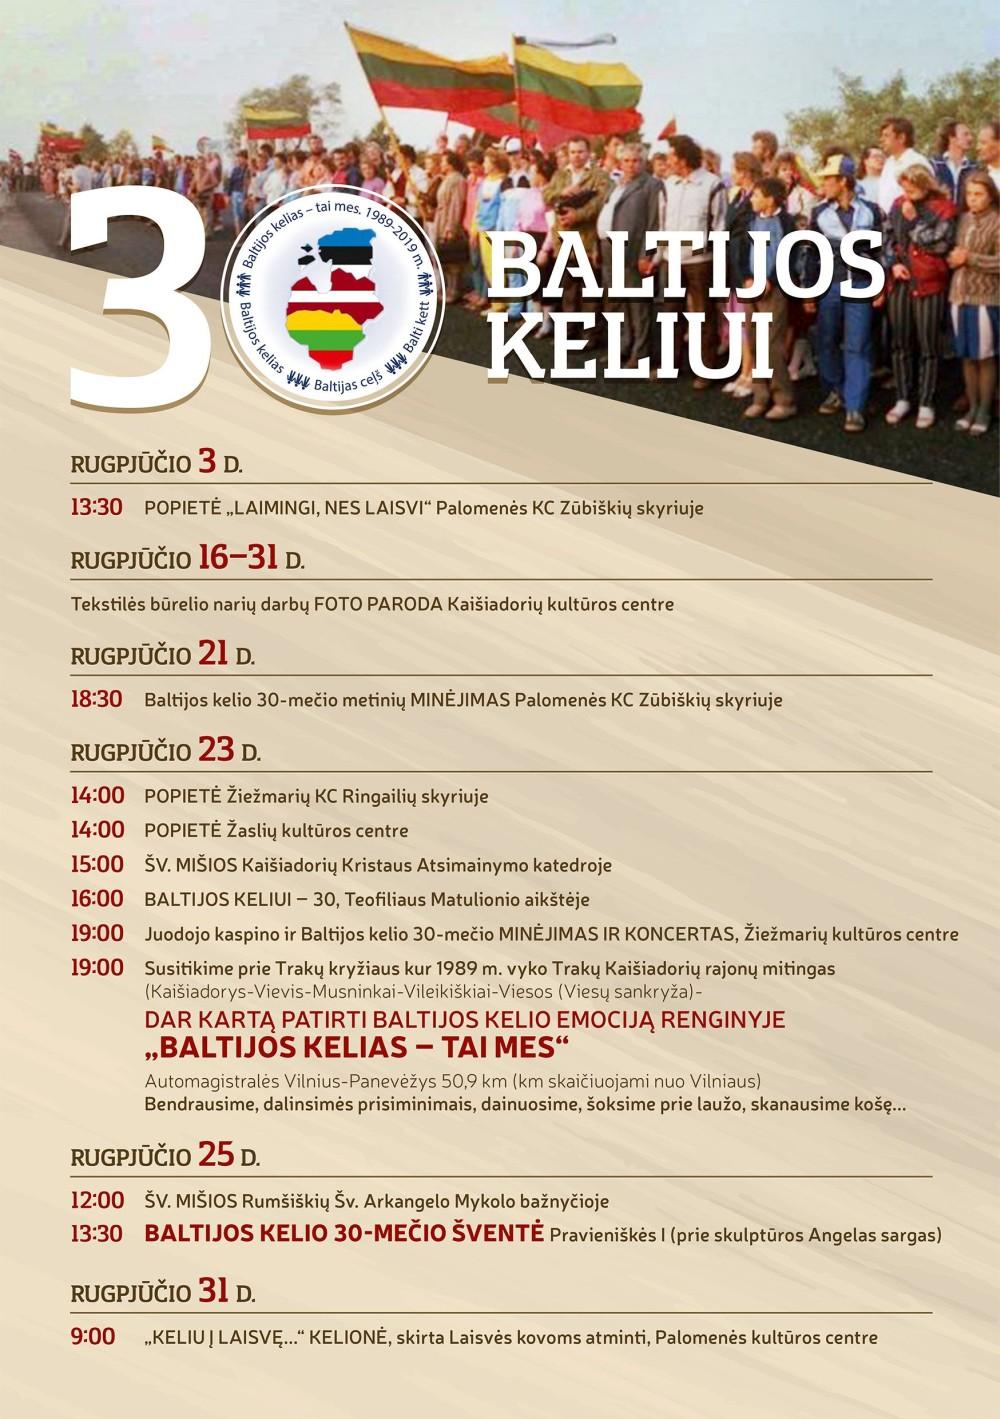 Baltijos keliui - 30